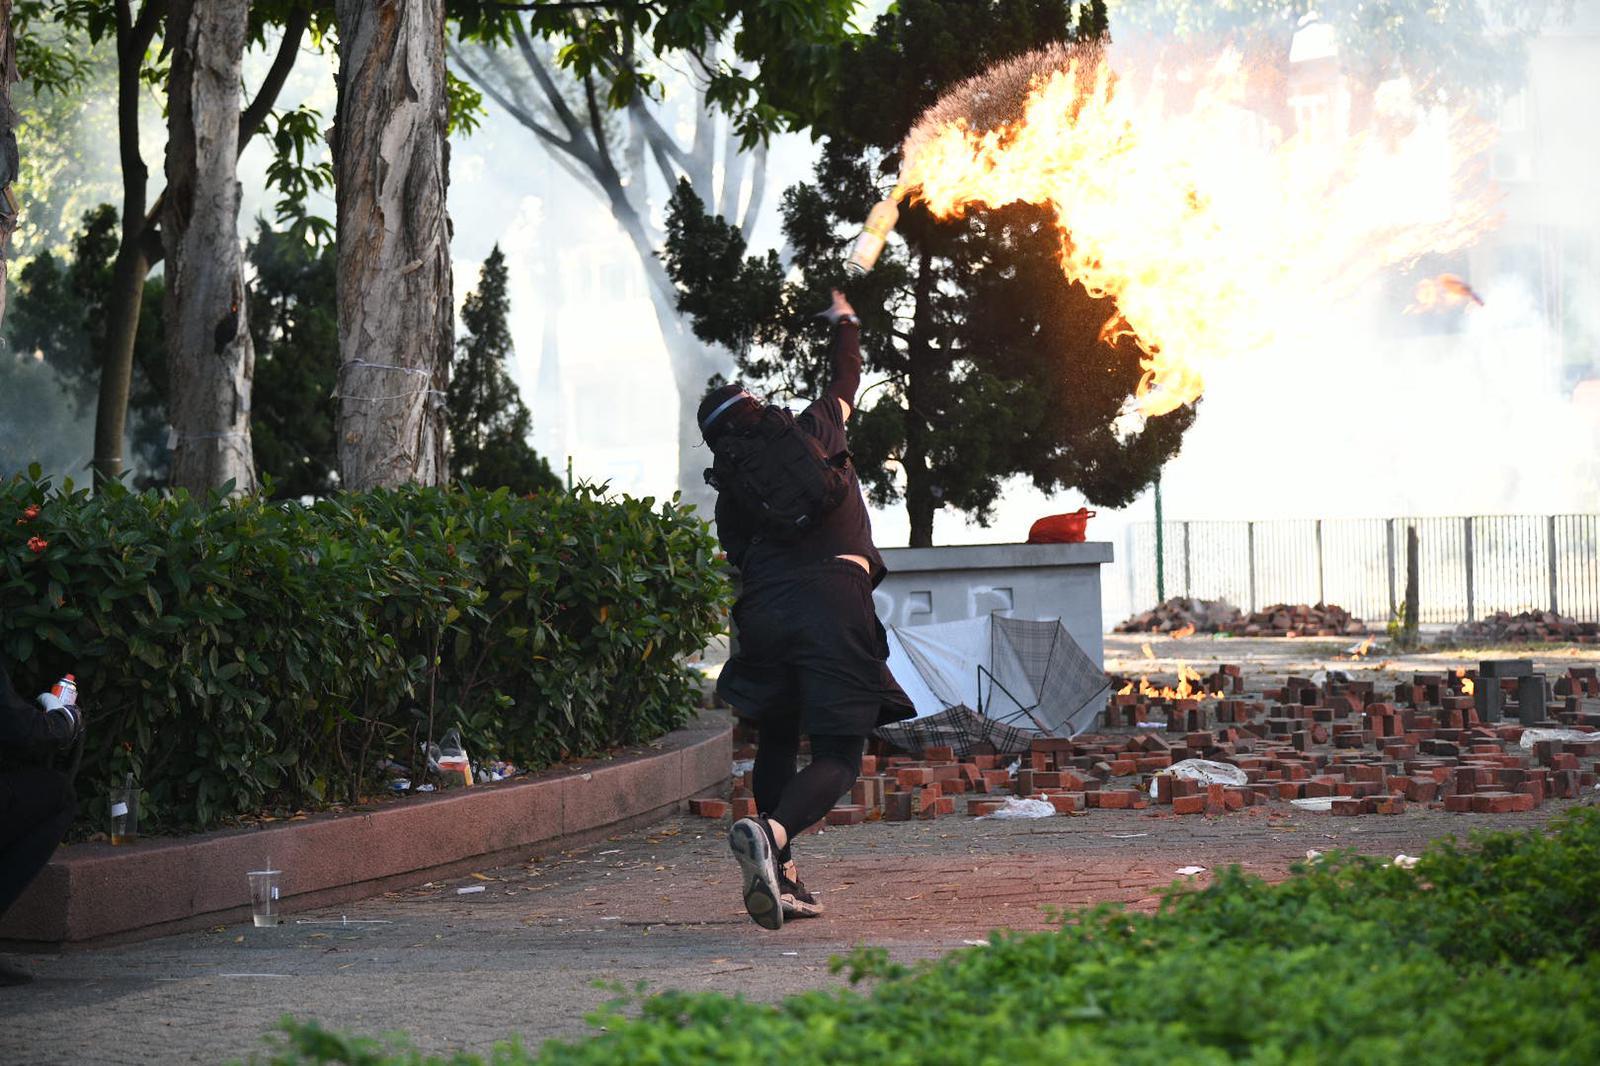 有黑衣人投擲懷疑汽油彈。